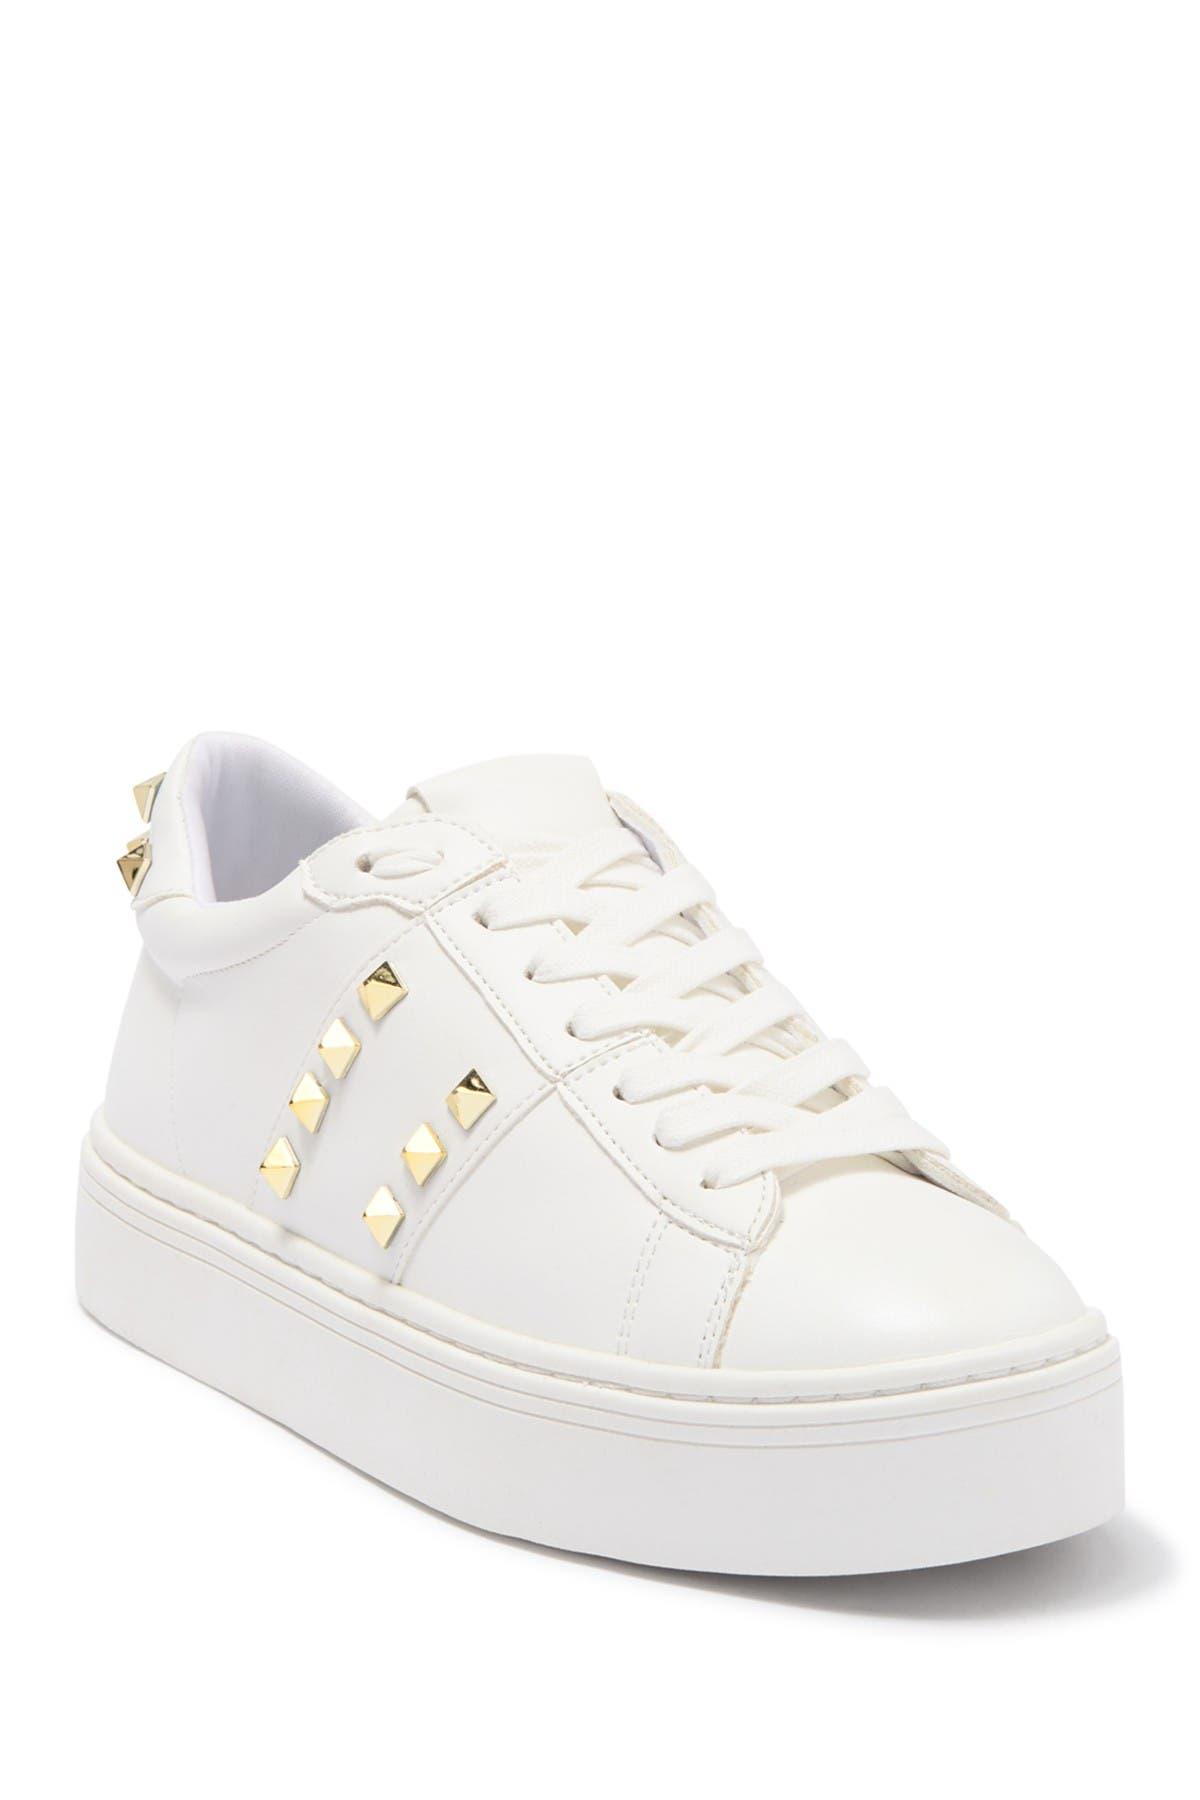 Image of STEVEN NEW YORK Bailie Studded Sneaker